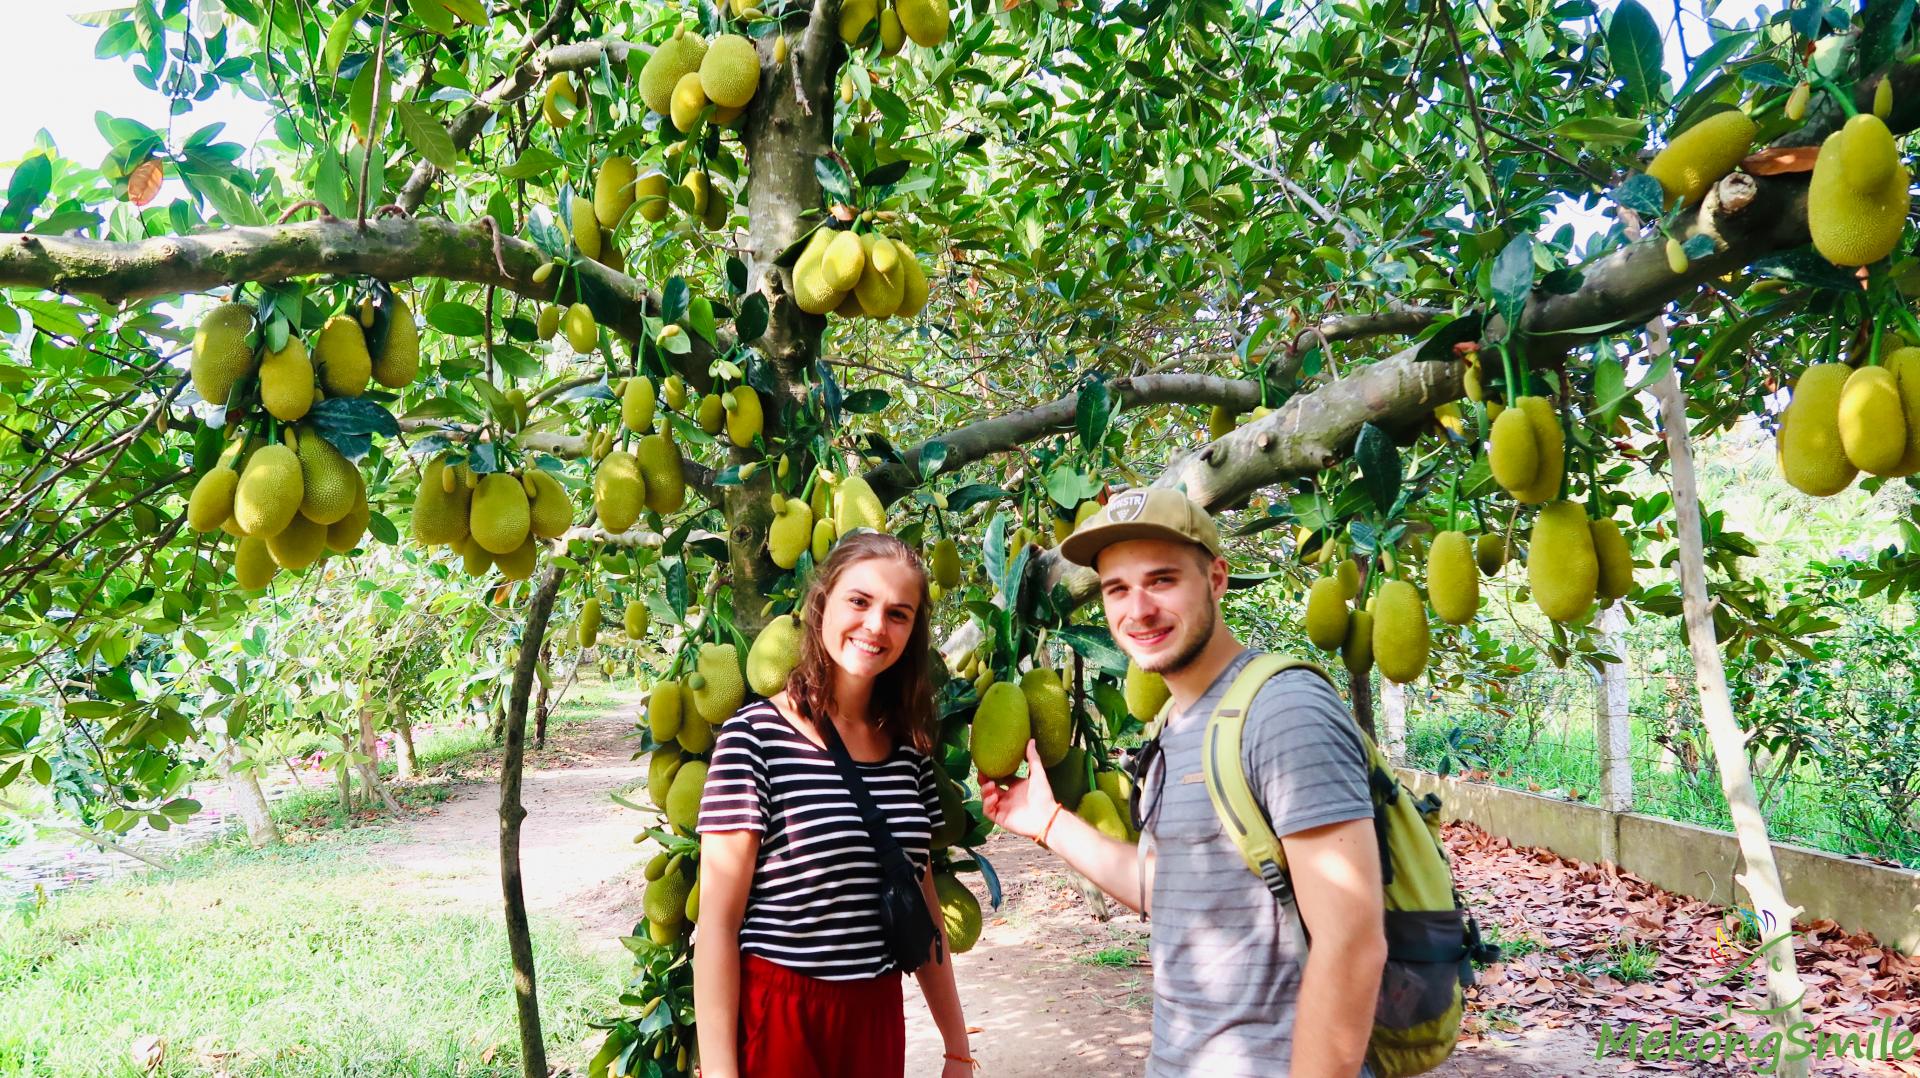 Ba Cong fruit garden - the most beautiful fruit garden in Can Tho